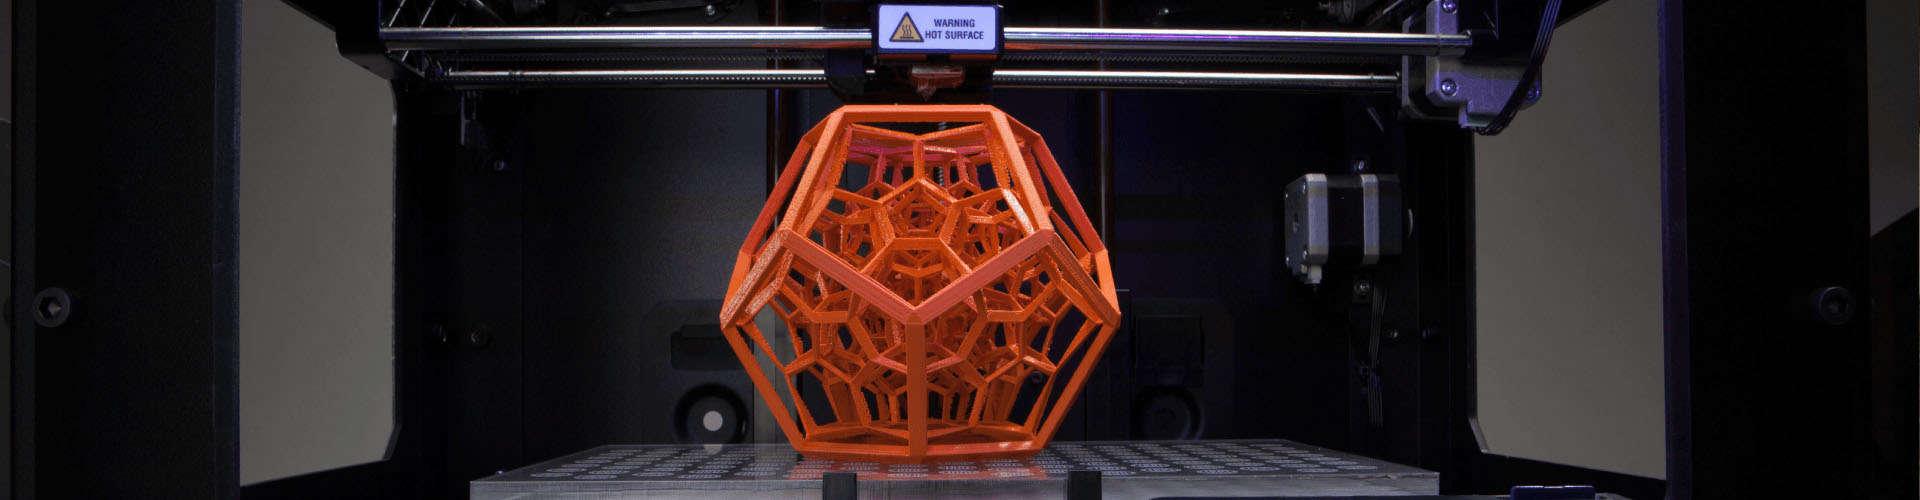 RigidBot 3D Printer Review